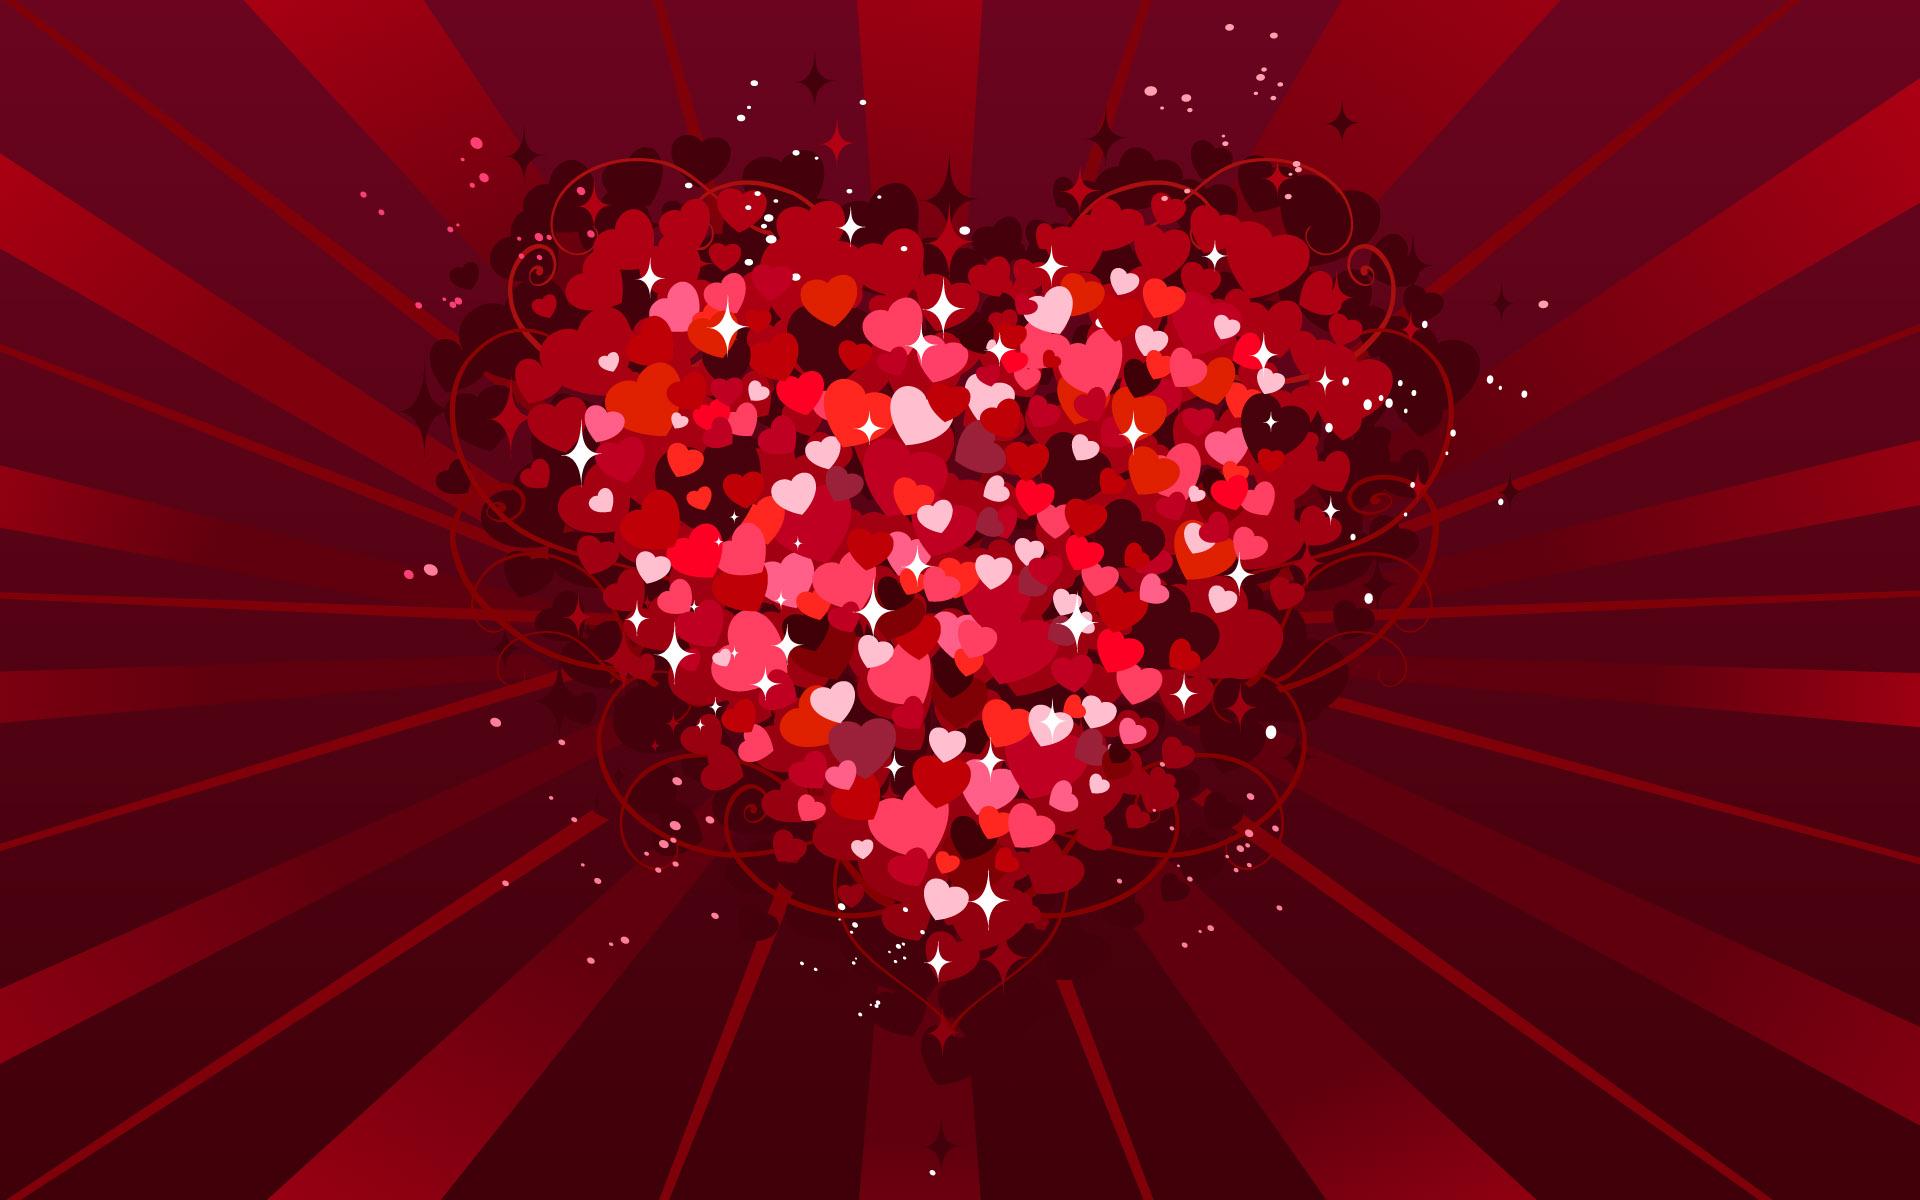 heart, сердце, рисунок, скачать